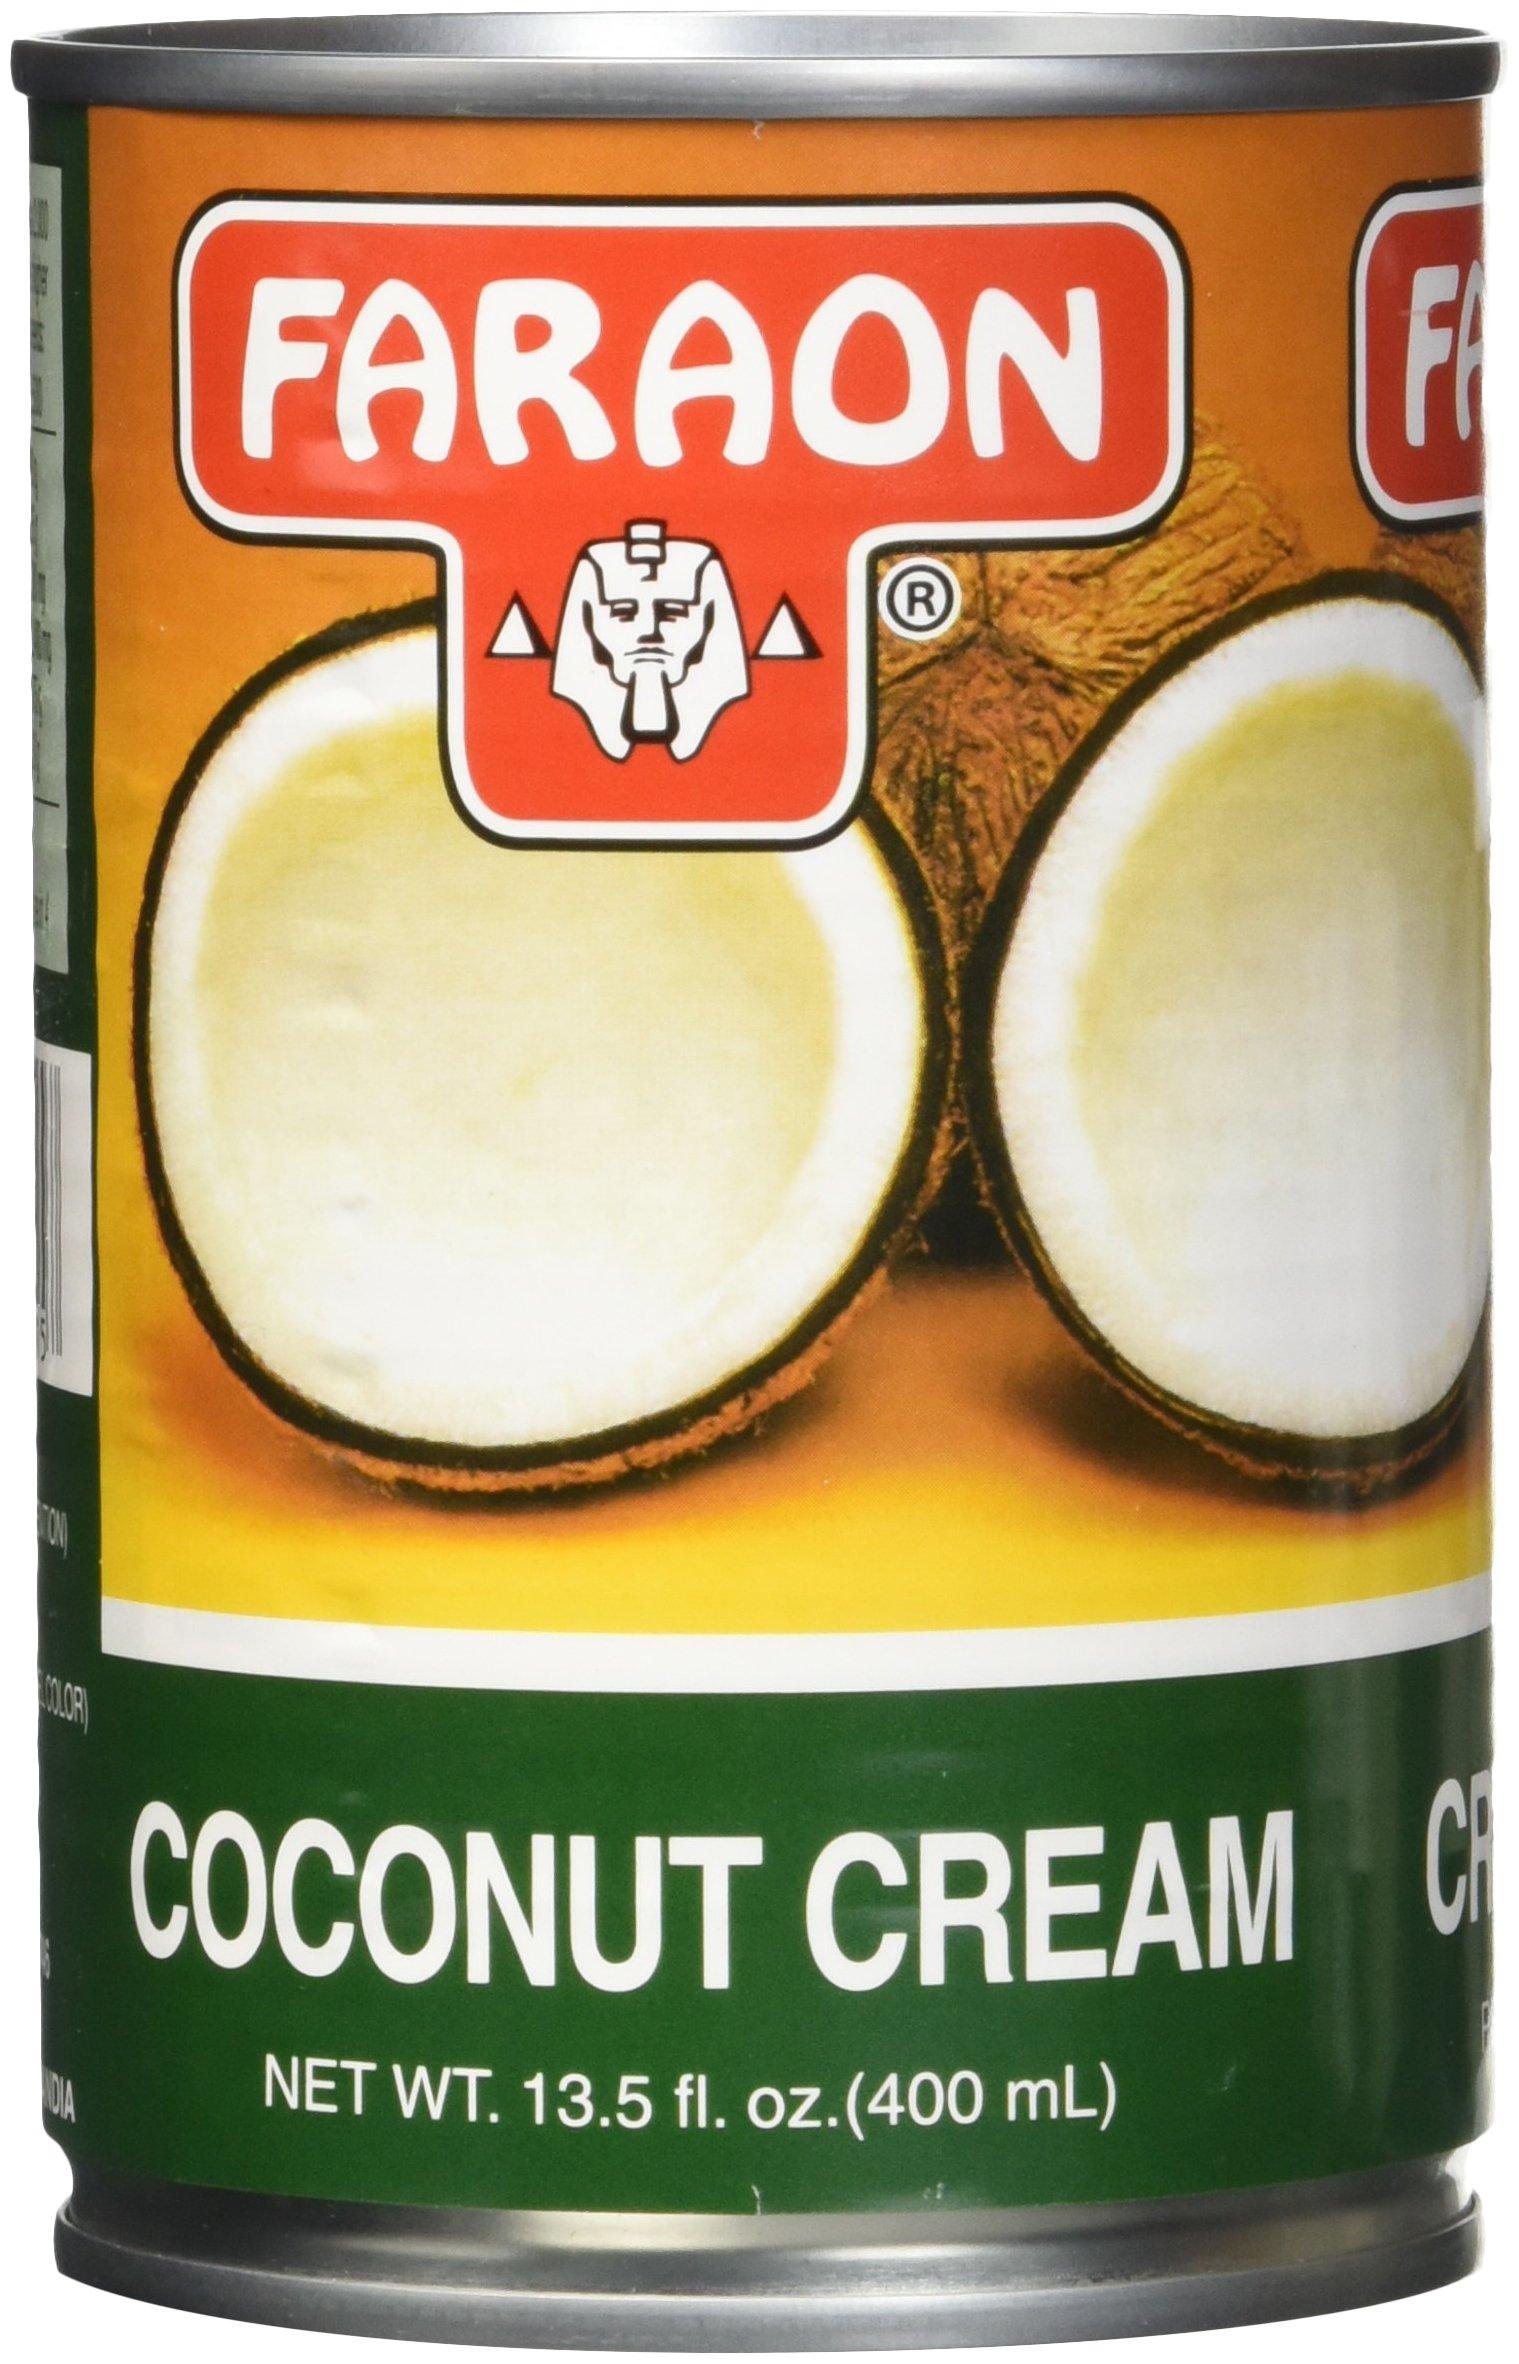 FARAON Coconut Cream, 13.5 Ounce (Pack of 12)